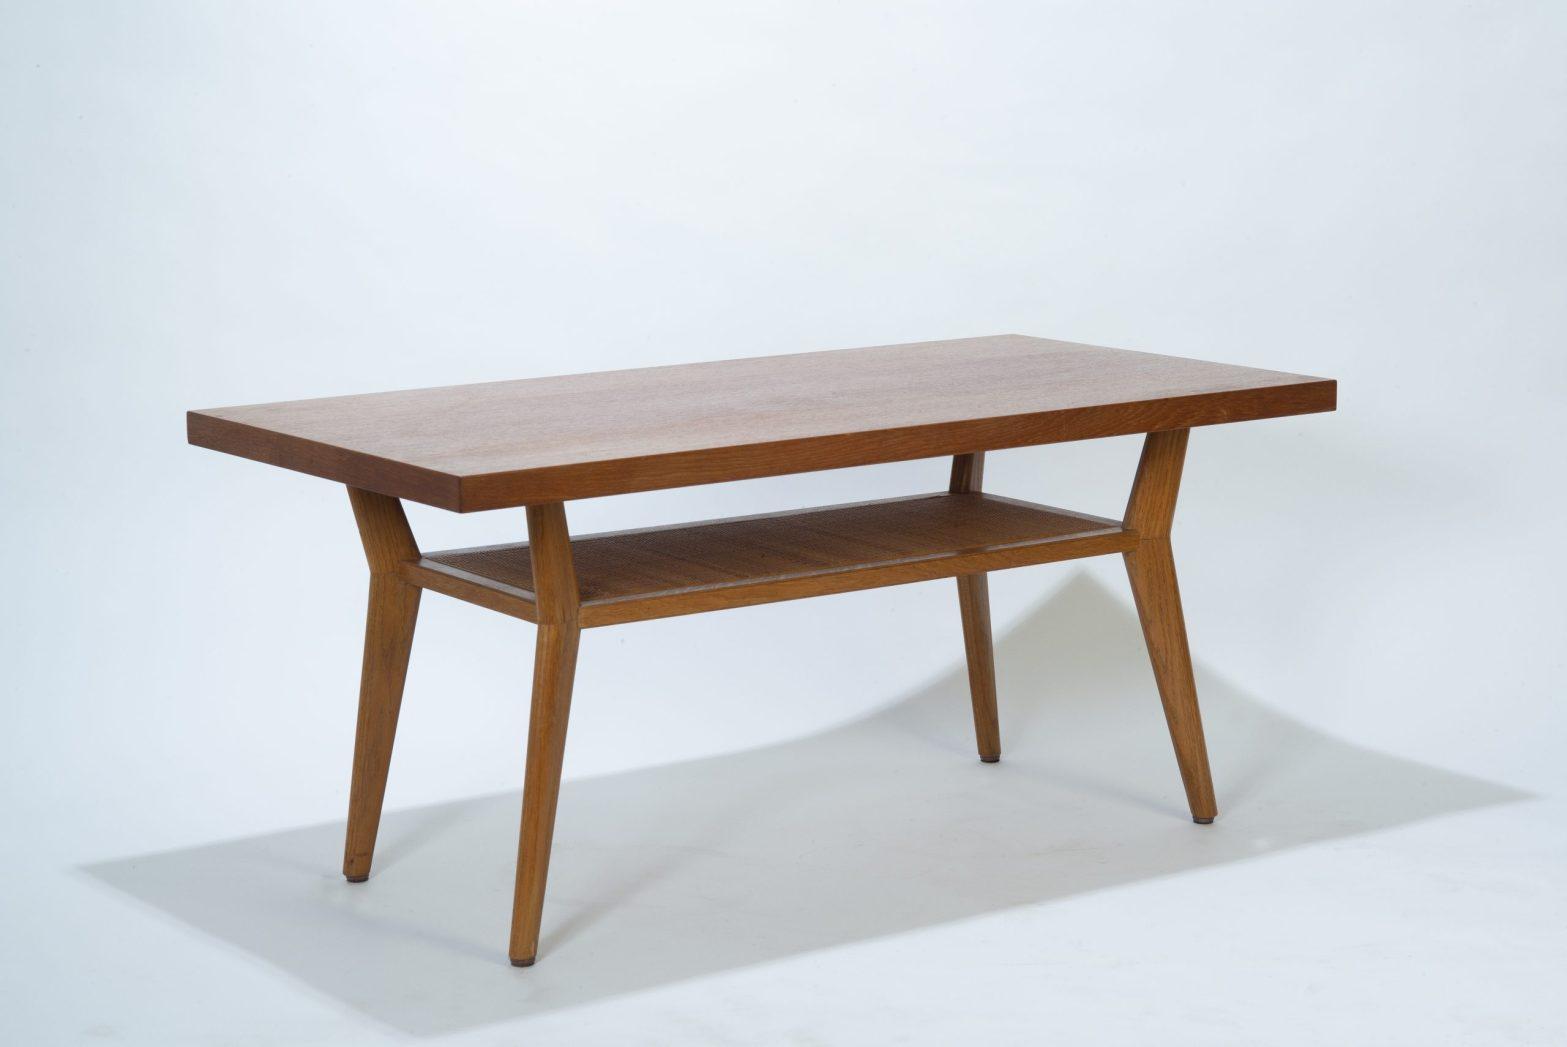 coffee table,side table,teak,buche,obstholz,design,entwurf,50er jahre,60er jahre,